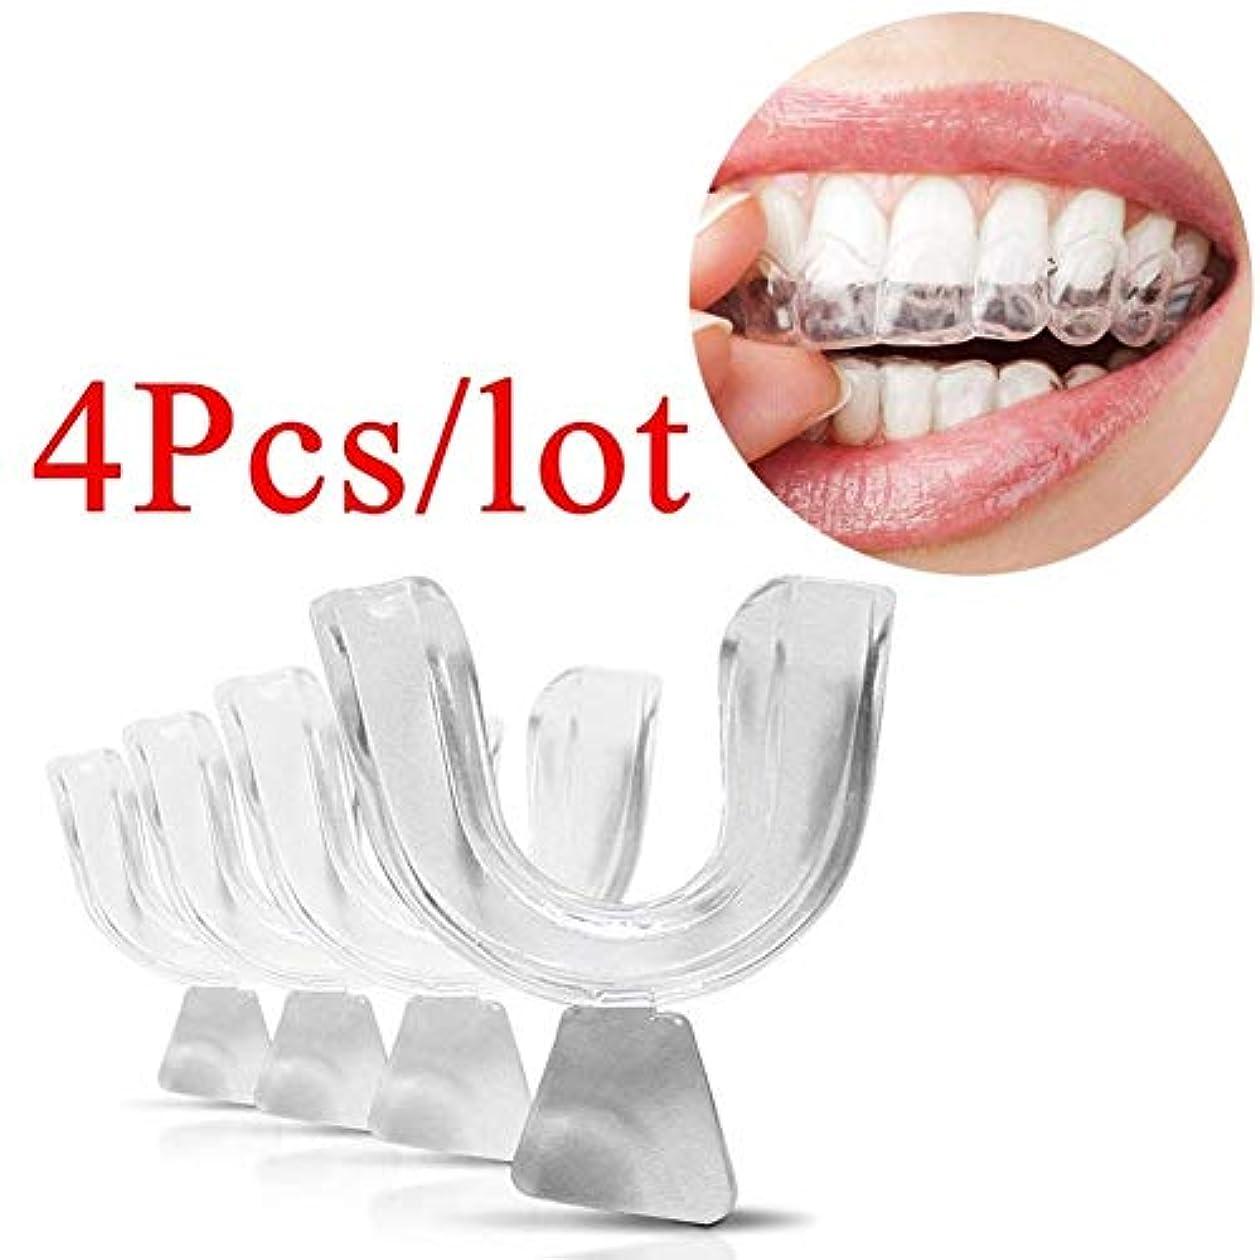 アレキサンダーグラハムベル細い補正透明な食品等級を白くする安全な口の皿のMoldable歯科用歯の口の歯,4Pcs